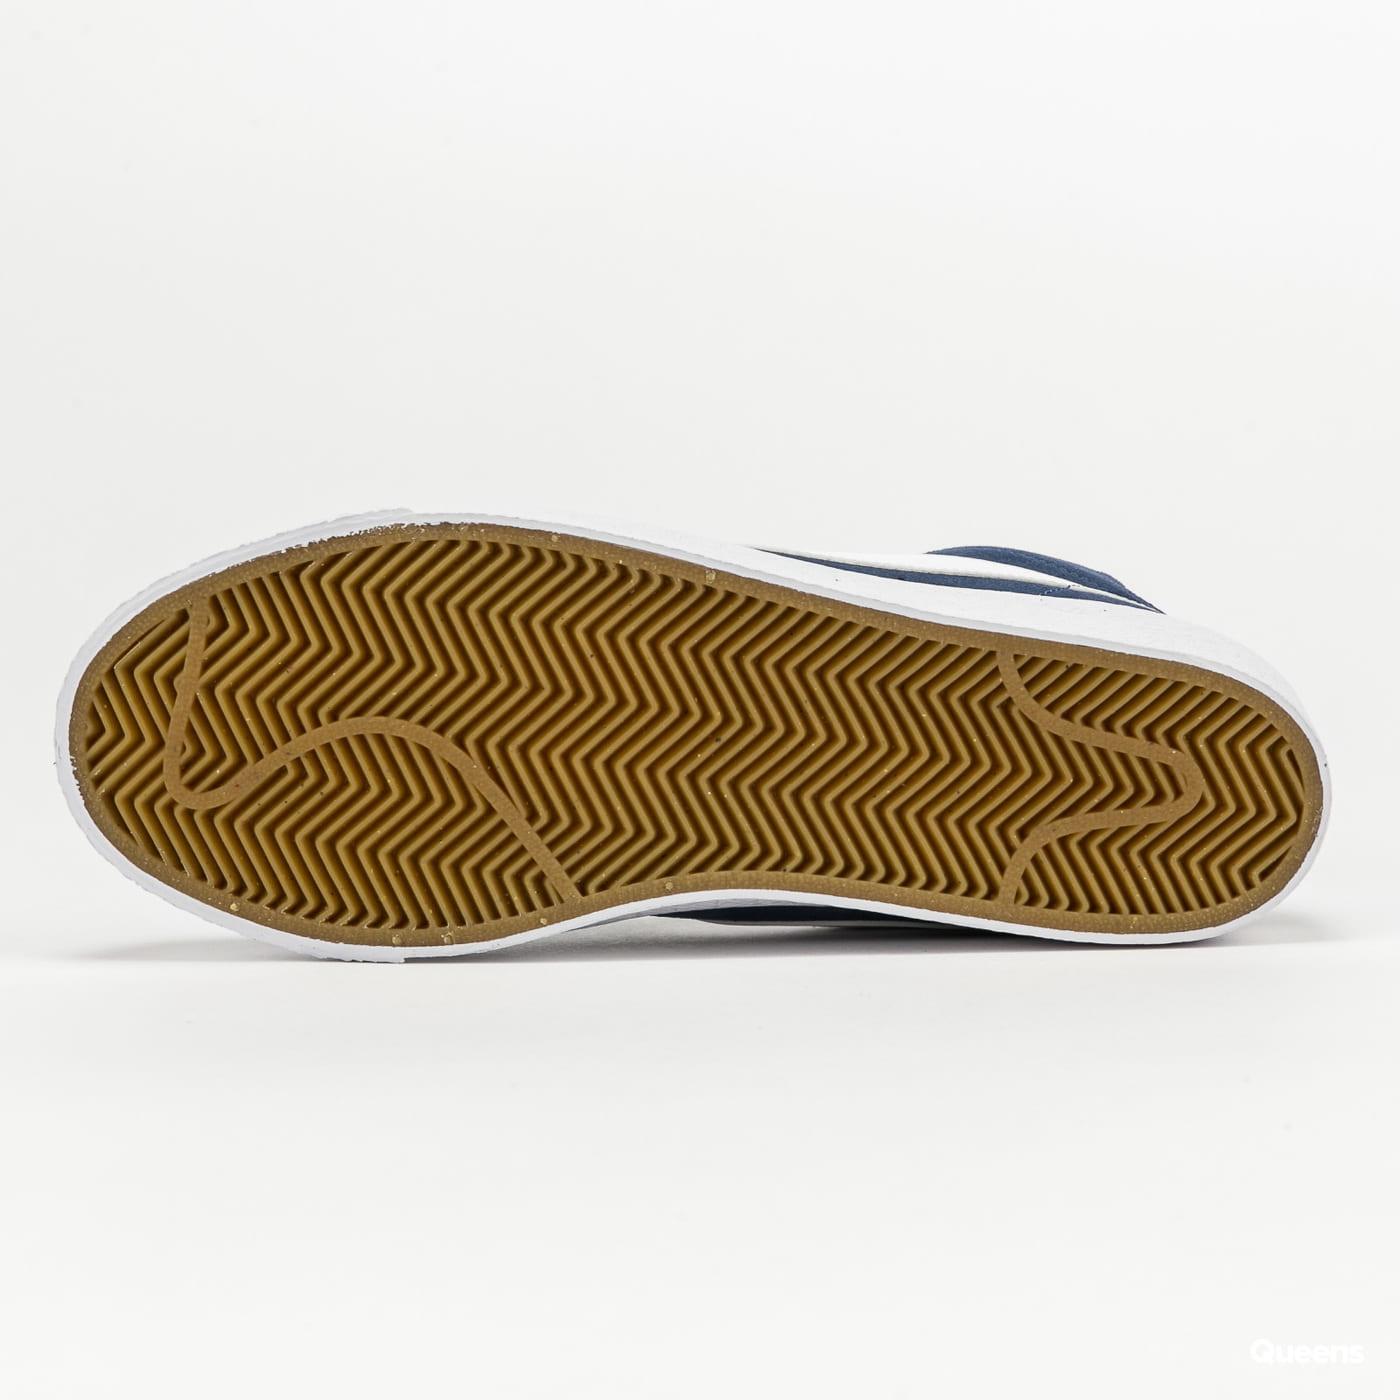 Nike SB Zoom Blazer Mid navy / white - black